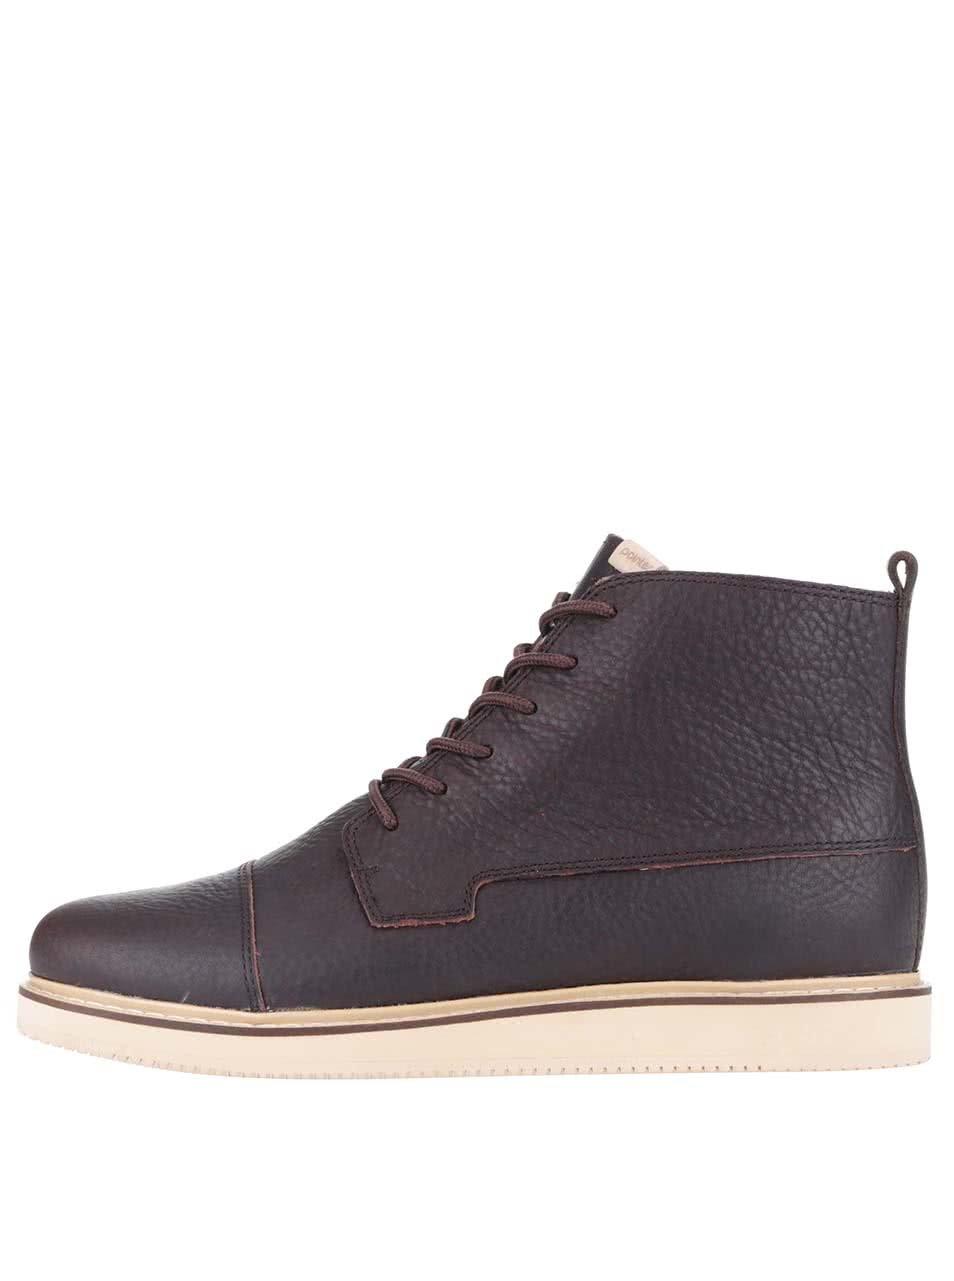 aceb799982 Tmavě hnědé pánské kožené kotníkové boty Pointer Willard – MUŽI   Boty    tenisky